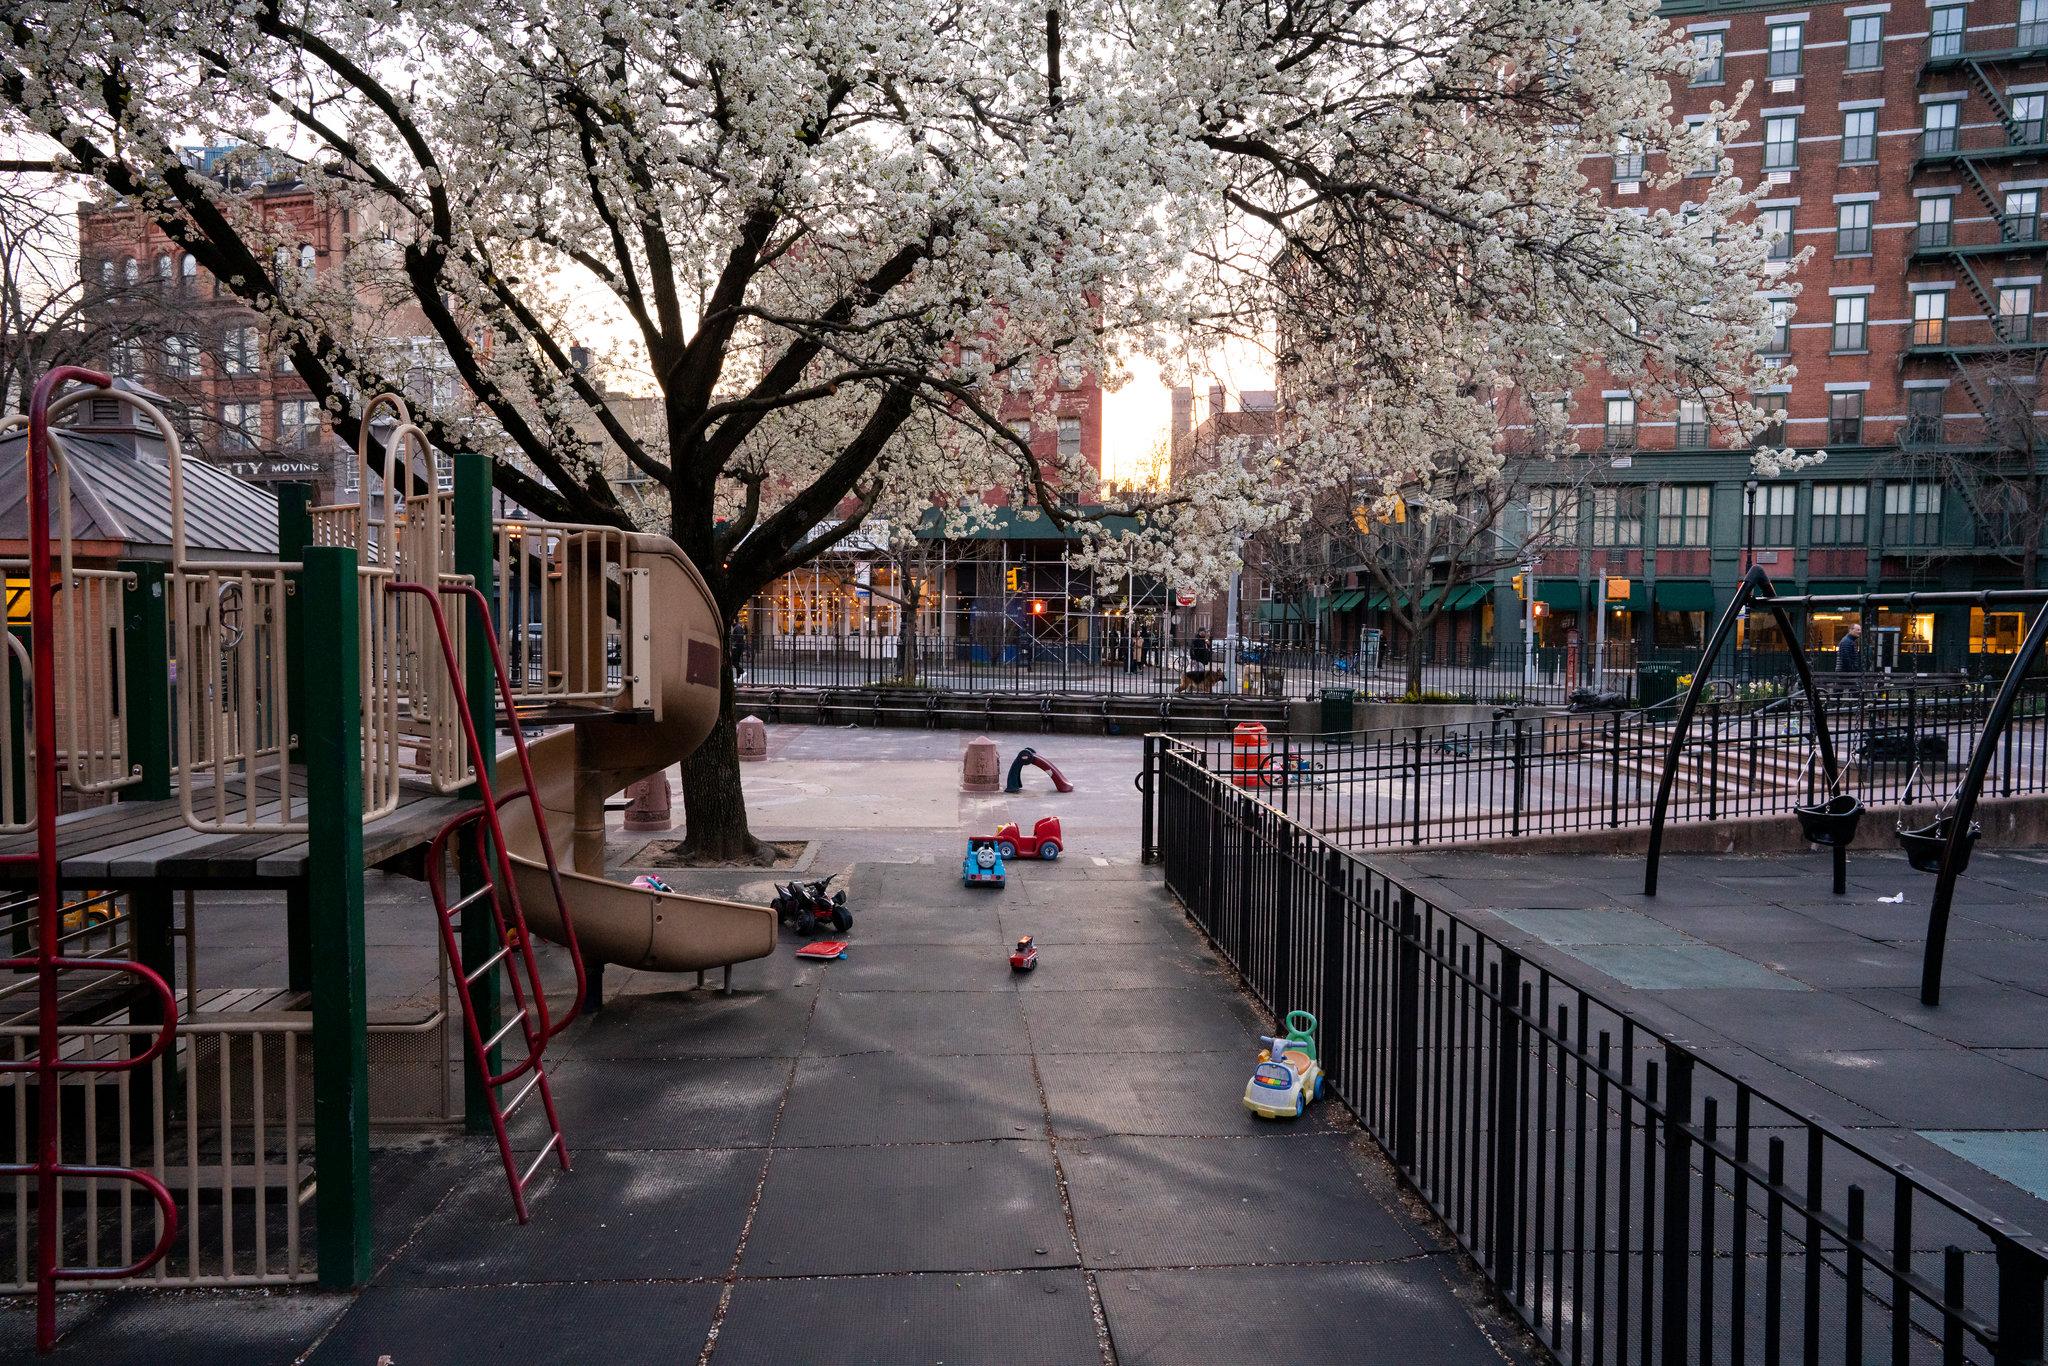 Một sân chơi ở West Village không một bóng người. Những món đồ chơi dành cho trẻ em nằm trơ trọi dọc lối đi.